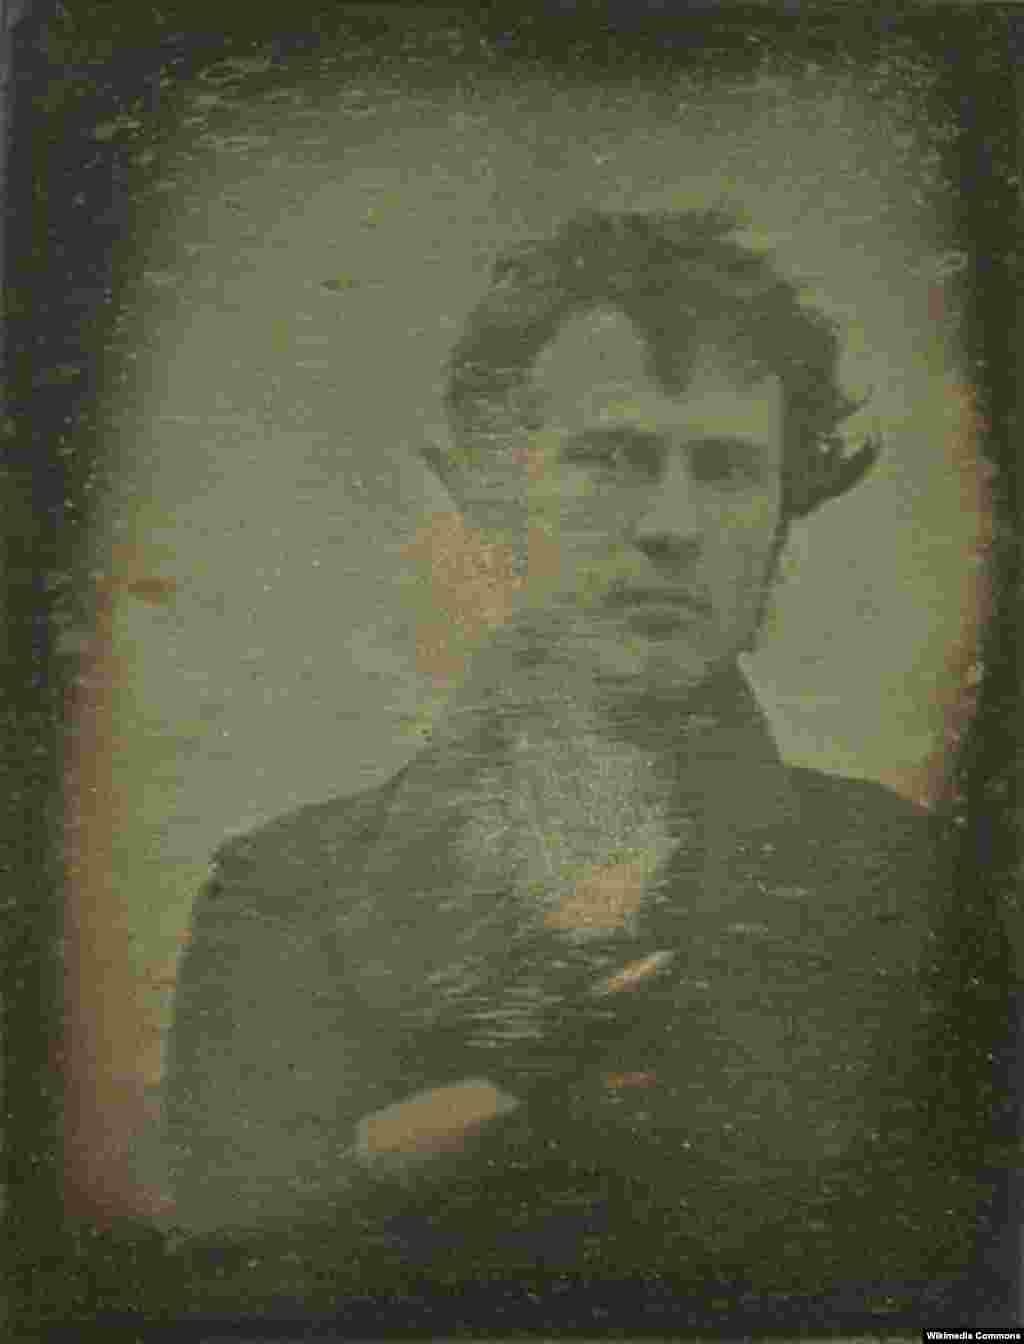 Tarixdə ilk fotoşəkil və ilk foto avtoportretin müəllifi, foto sənətinin pioneri, amerikalı fotoqraf Robert Kornelius